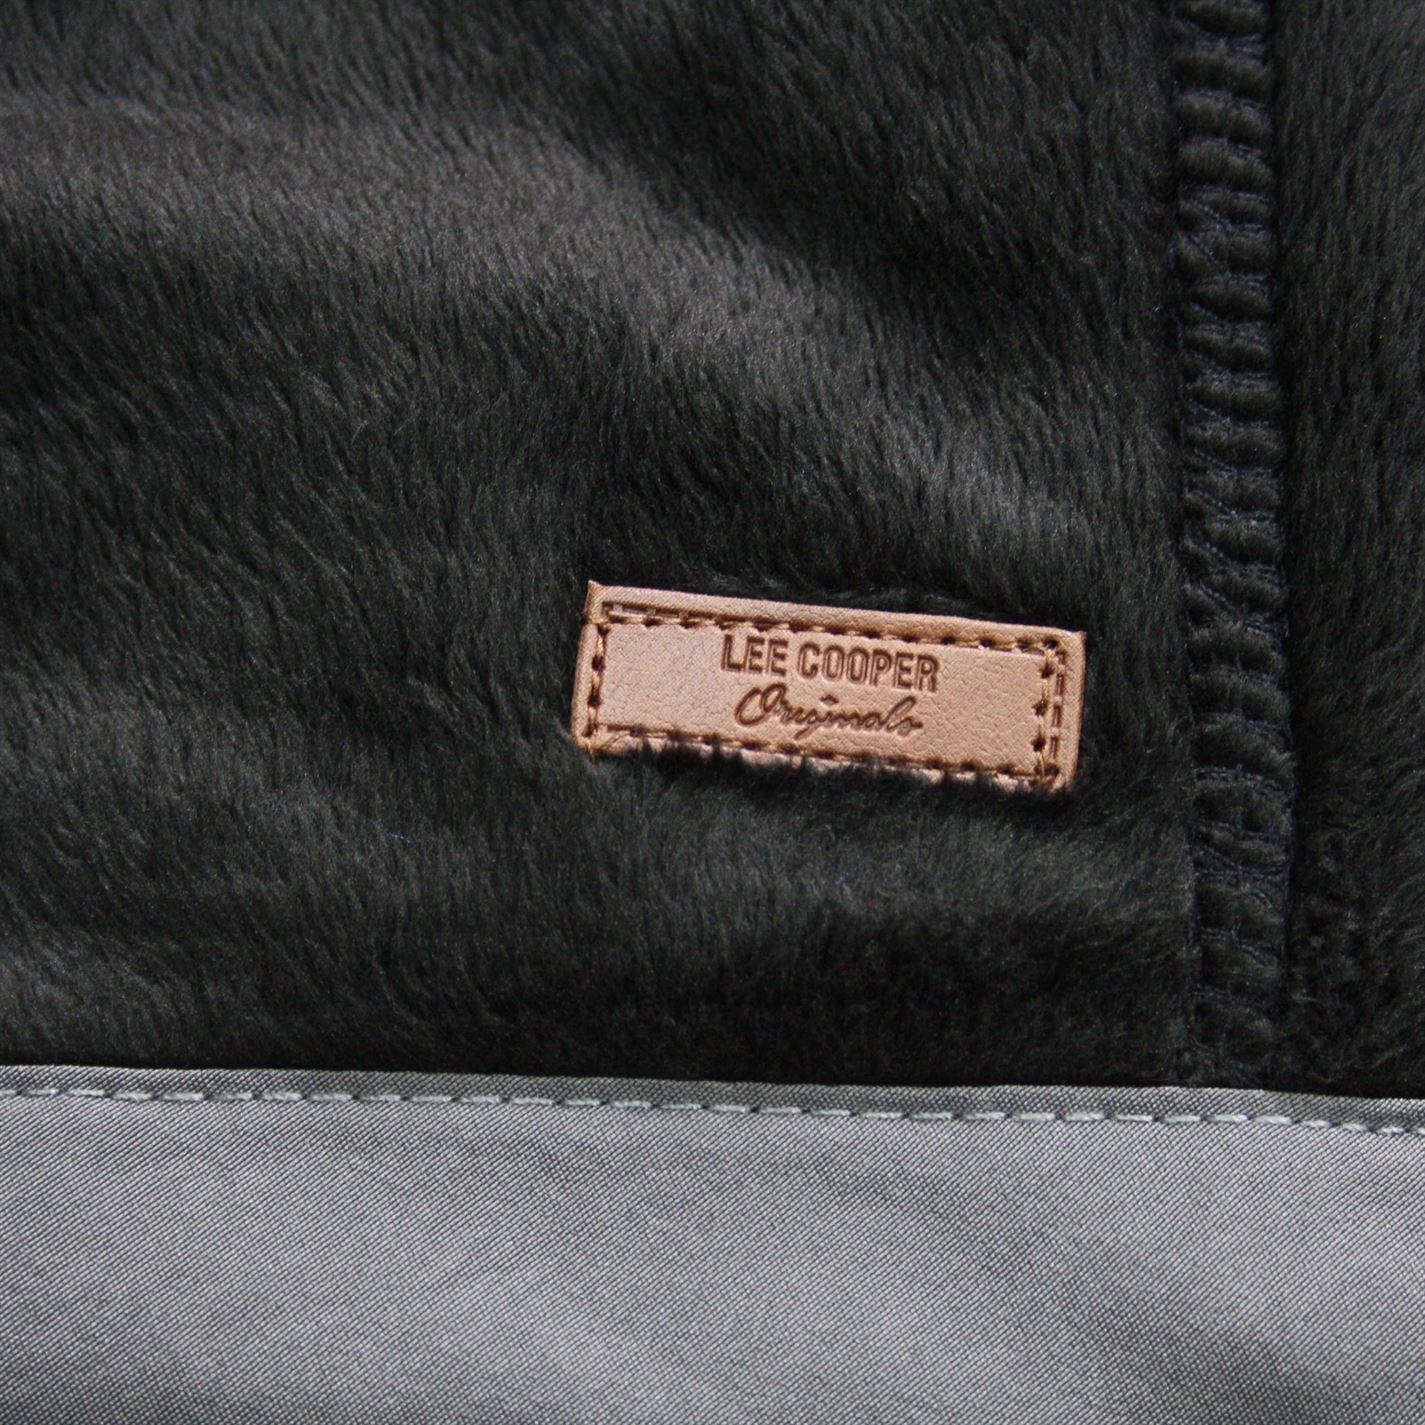 Lee-Cooper-Mens-Teddy-Fleece-Jacket-Full-Zip-Top-Coat-Sweatshirt-Jumper-Warm thumbnail 10